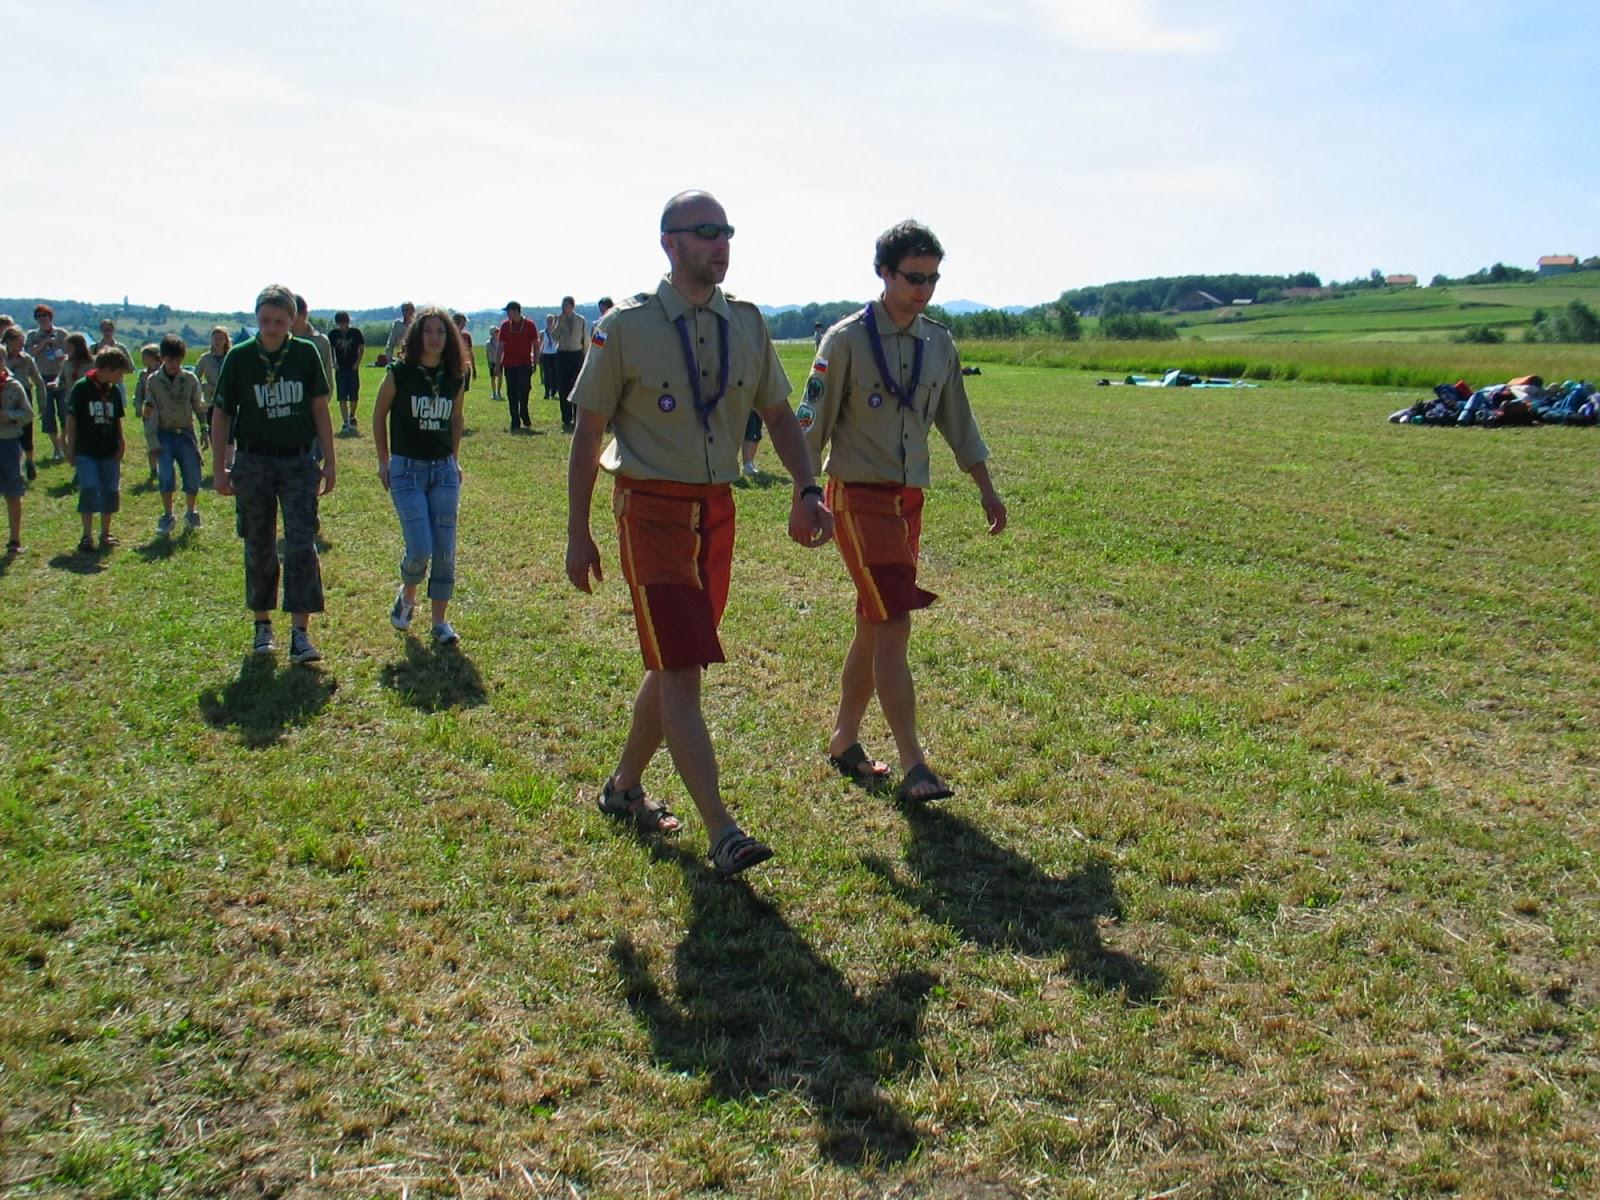 Državni mnogoboj, Slovenska Bistrica 2005 - Mnogoboj%2B2005%2B055.jpg